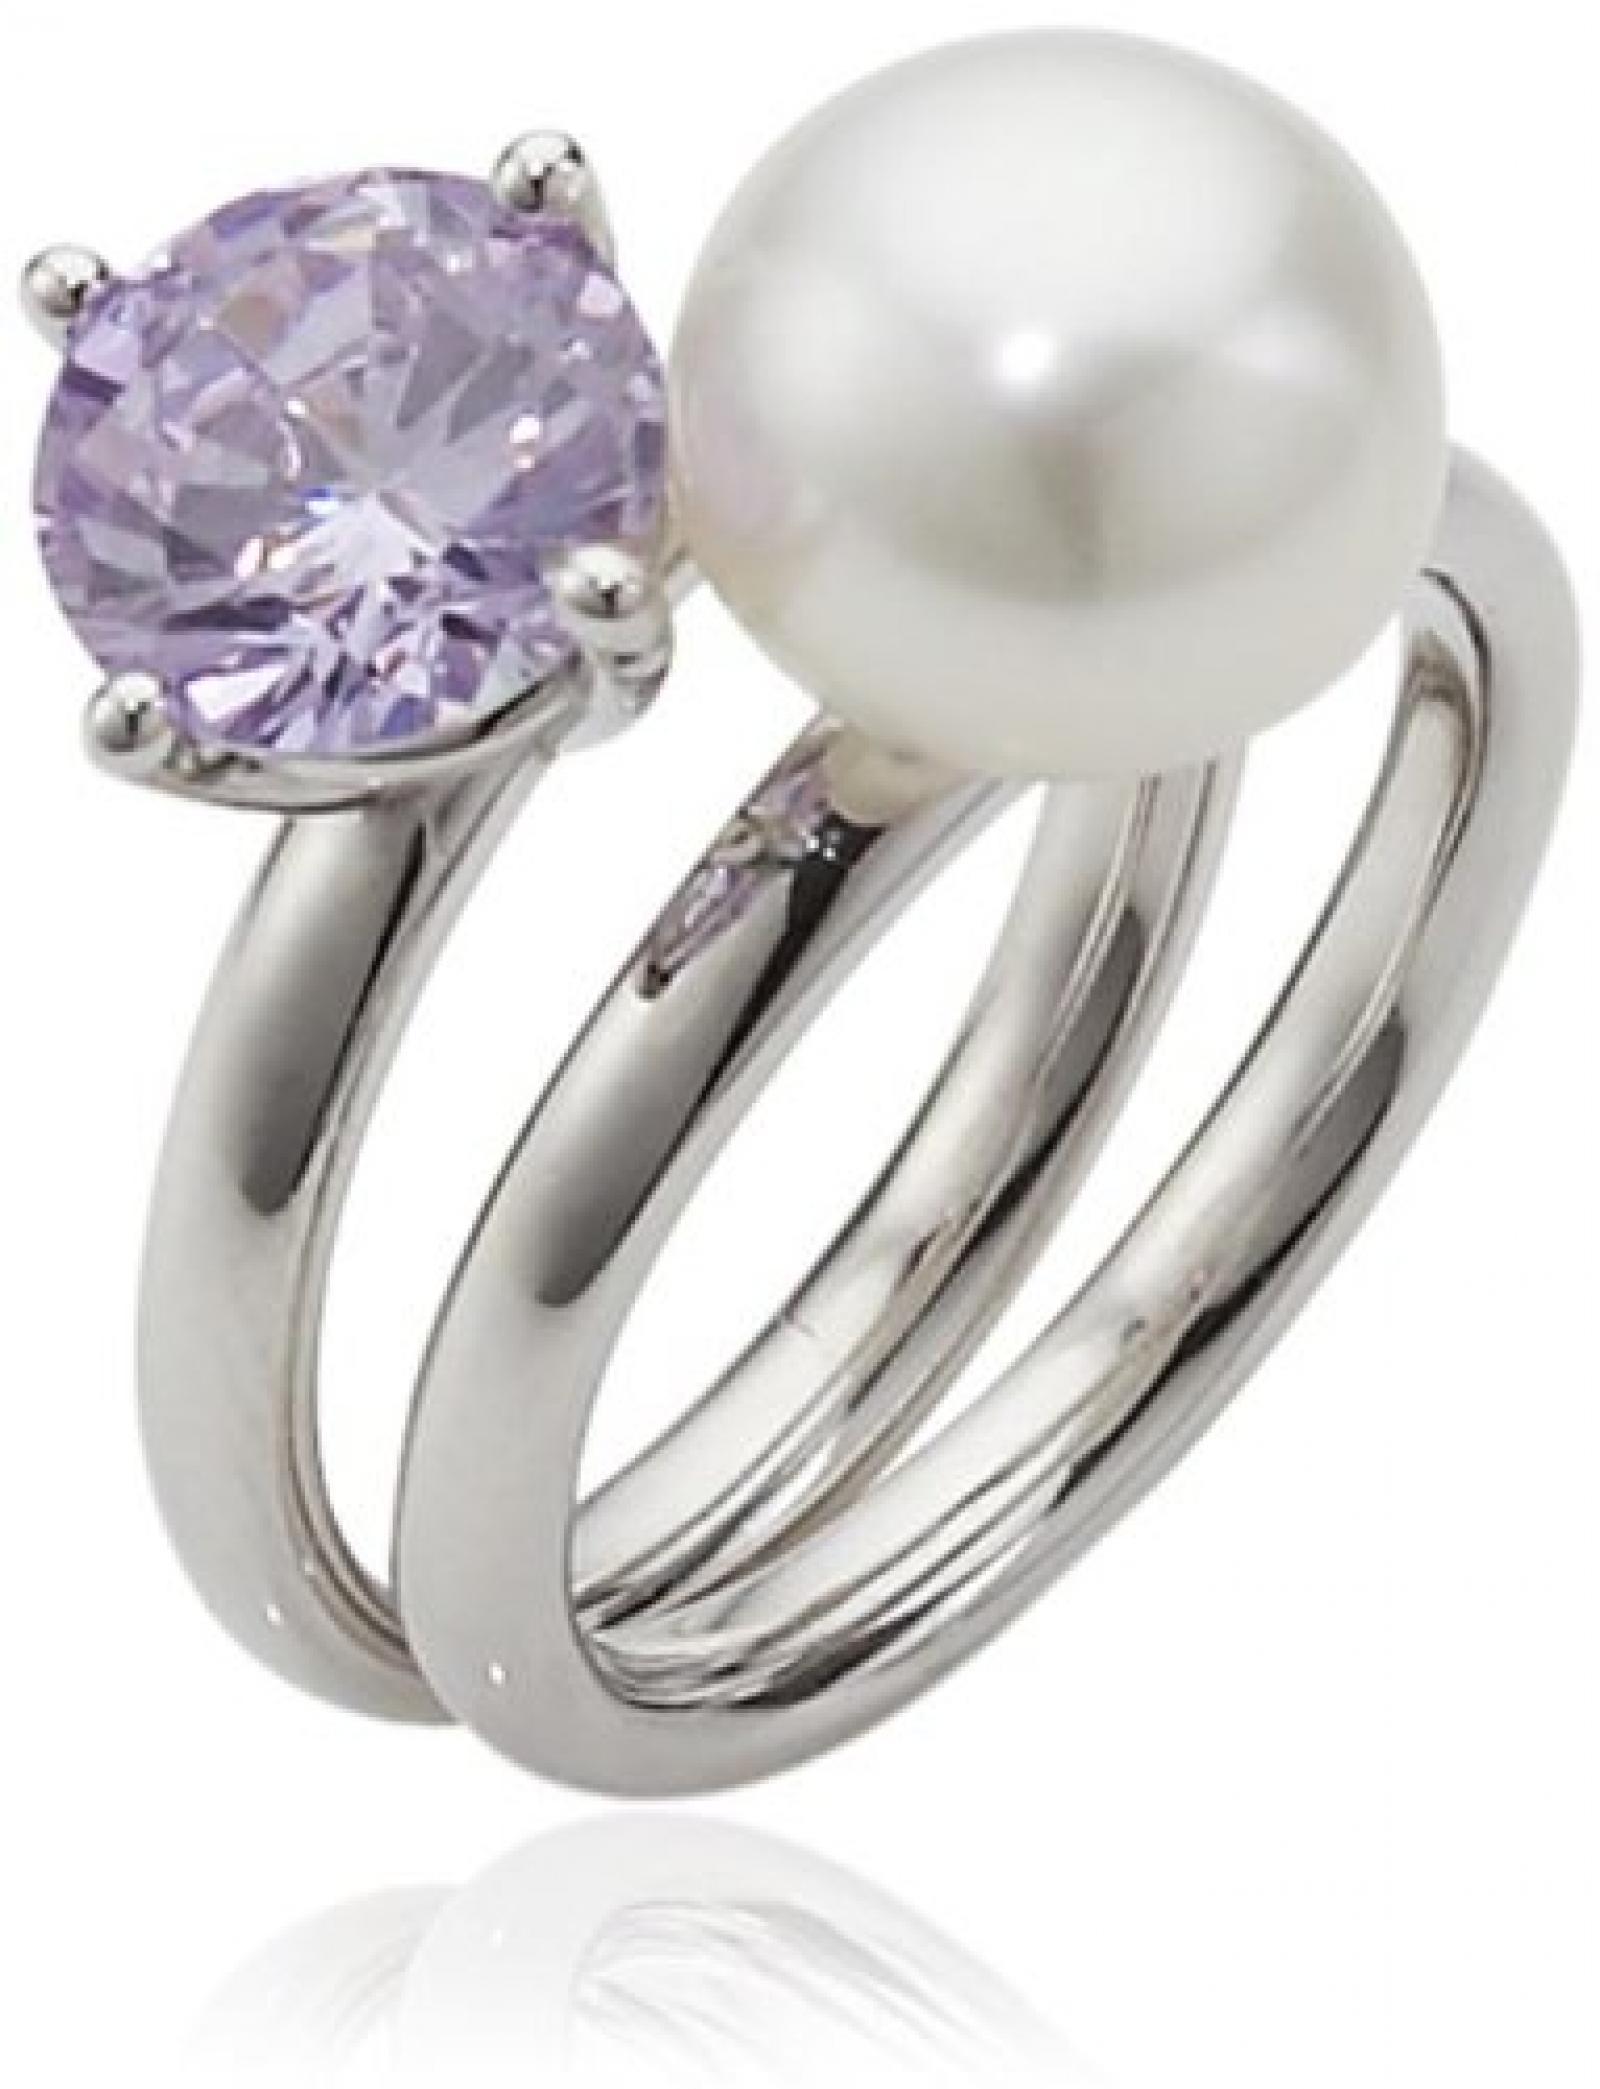 Adriana Damen-Ring Süßwasser Zuchtperlen purple rain 925 Sterling-Silber Rainbow RAR-V-Gr.56